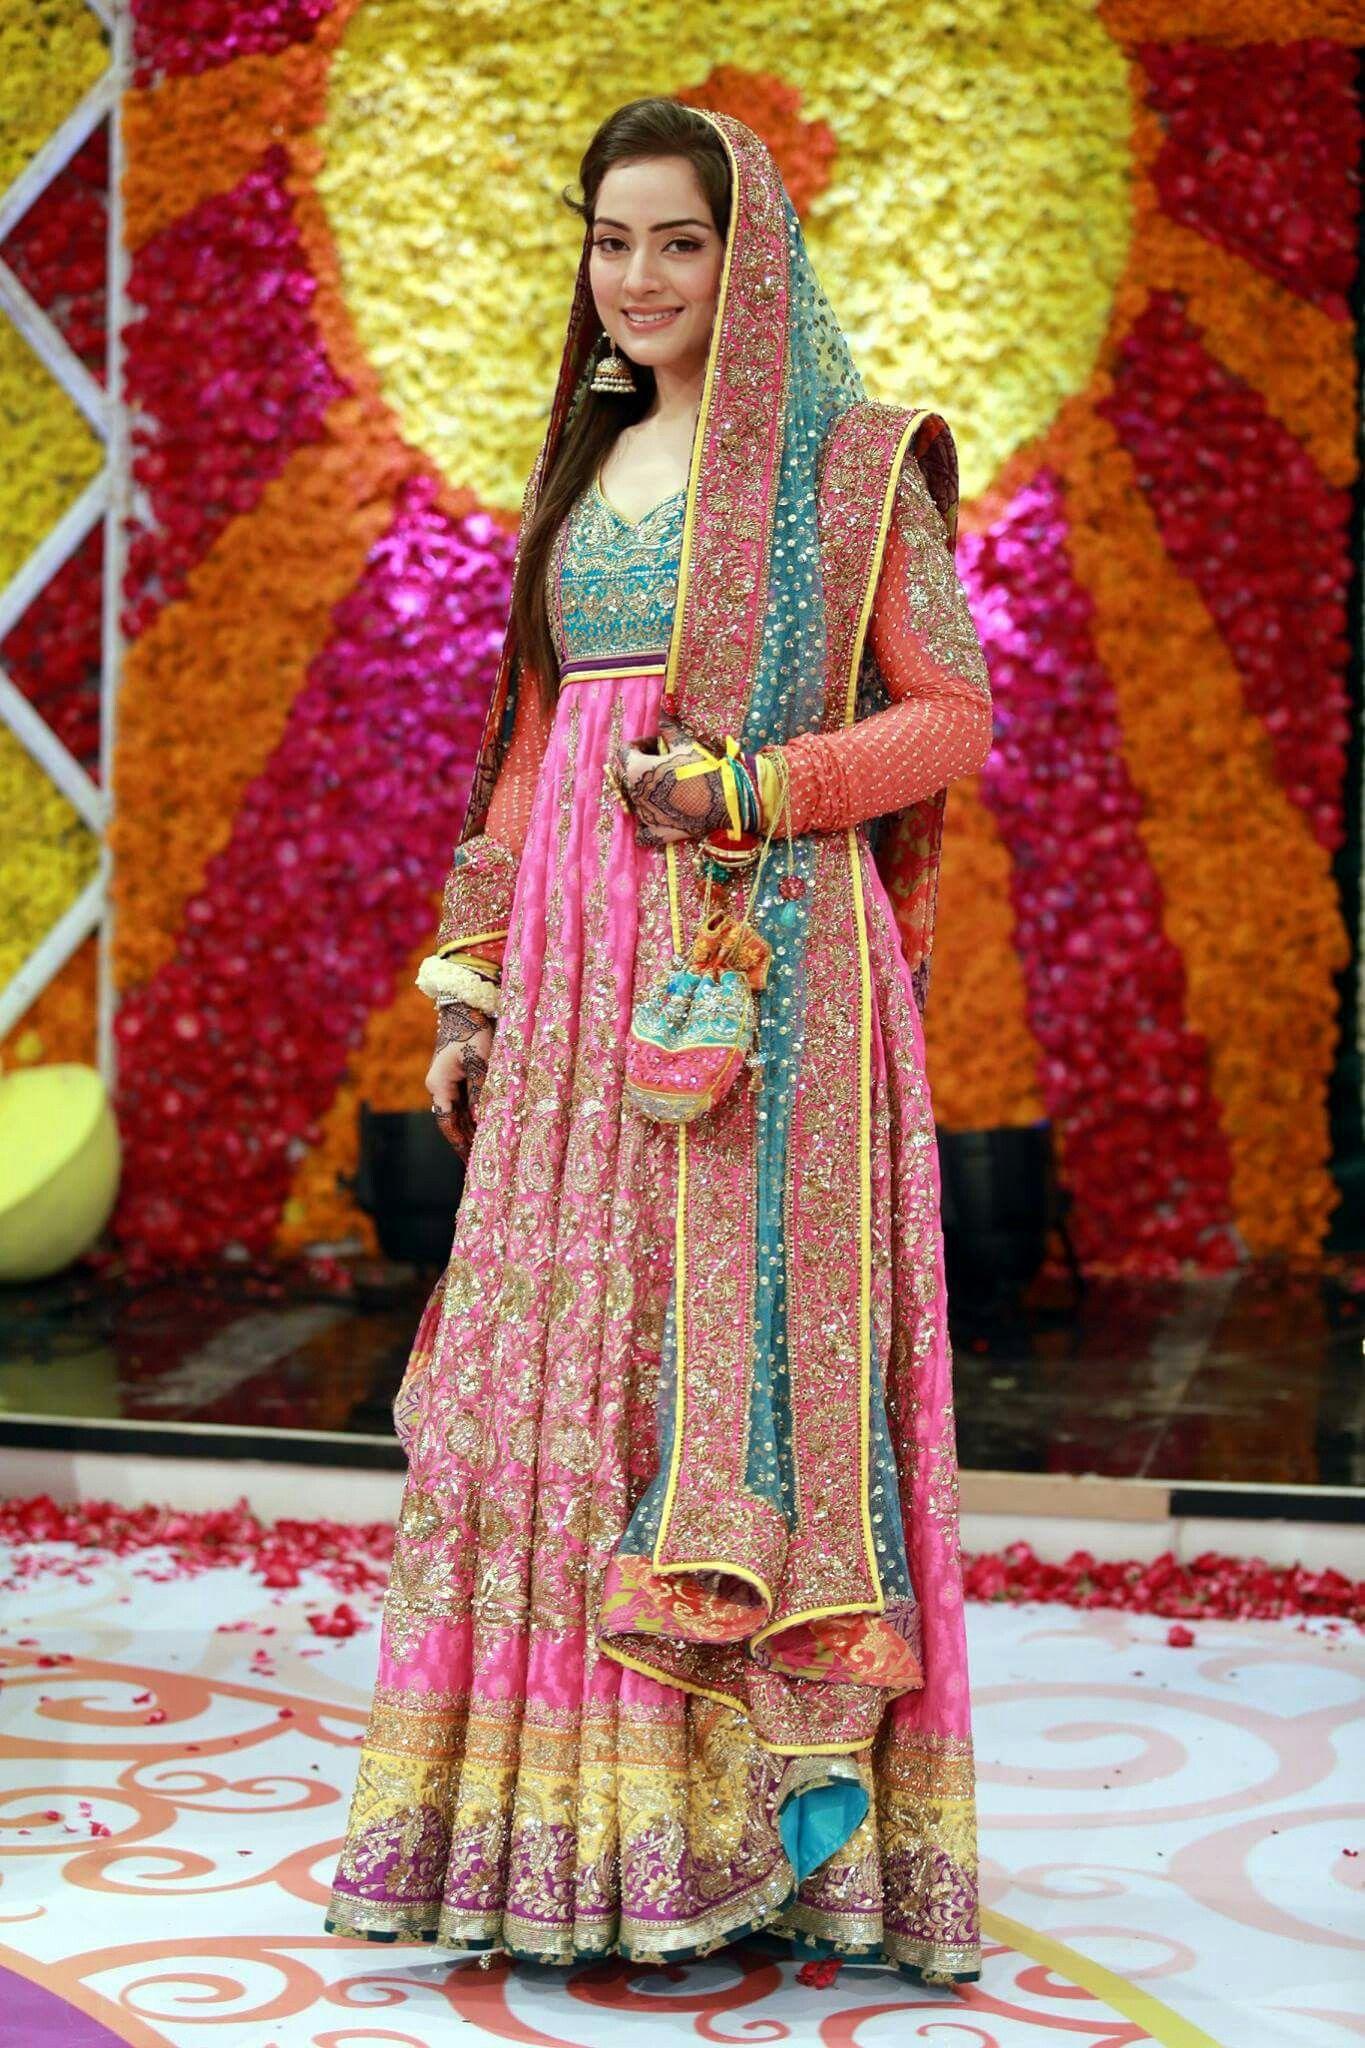 Pakistani bride on Mehndi day Pakistani mehndi dress